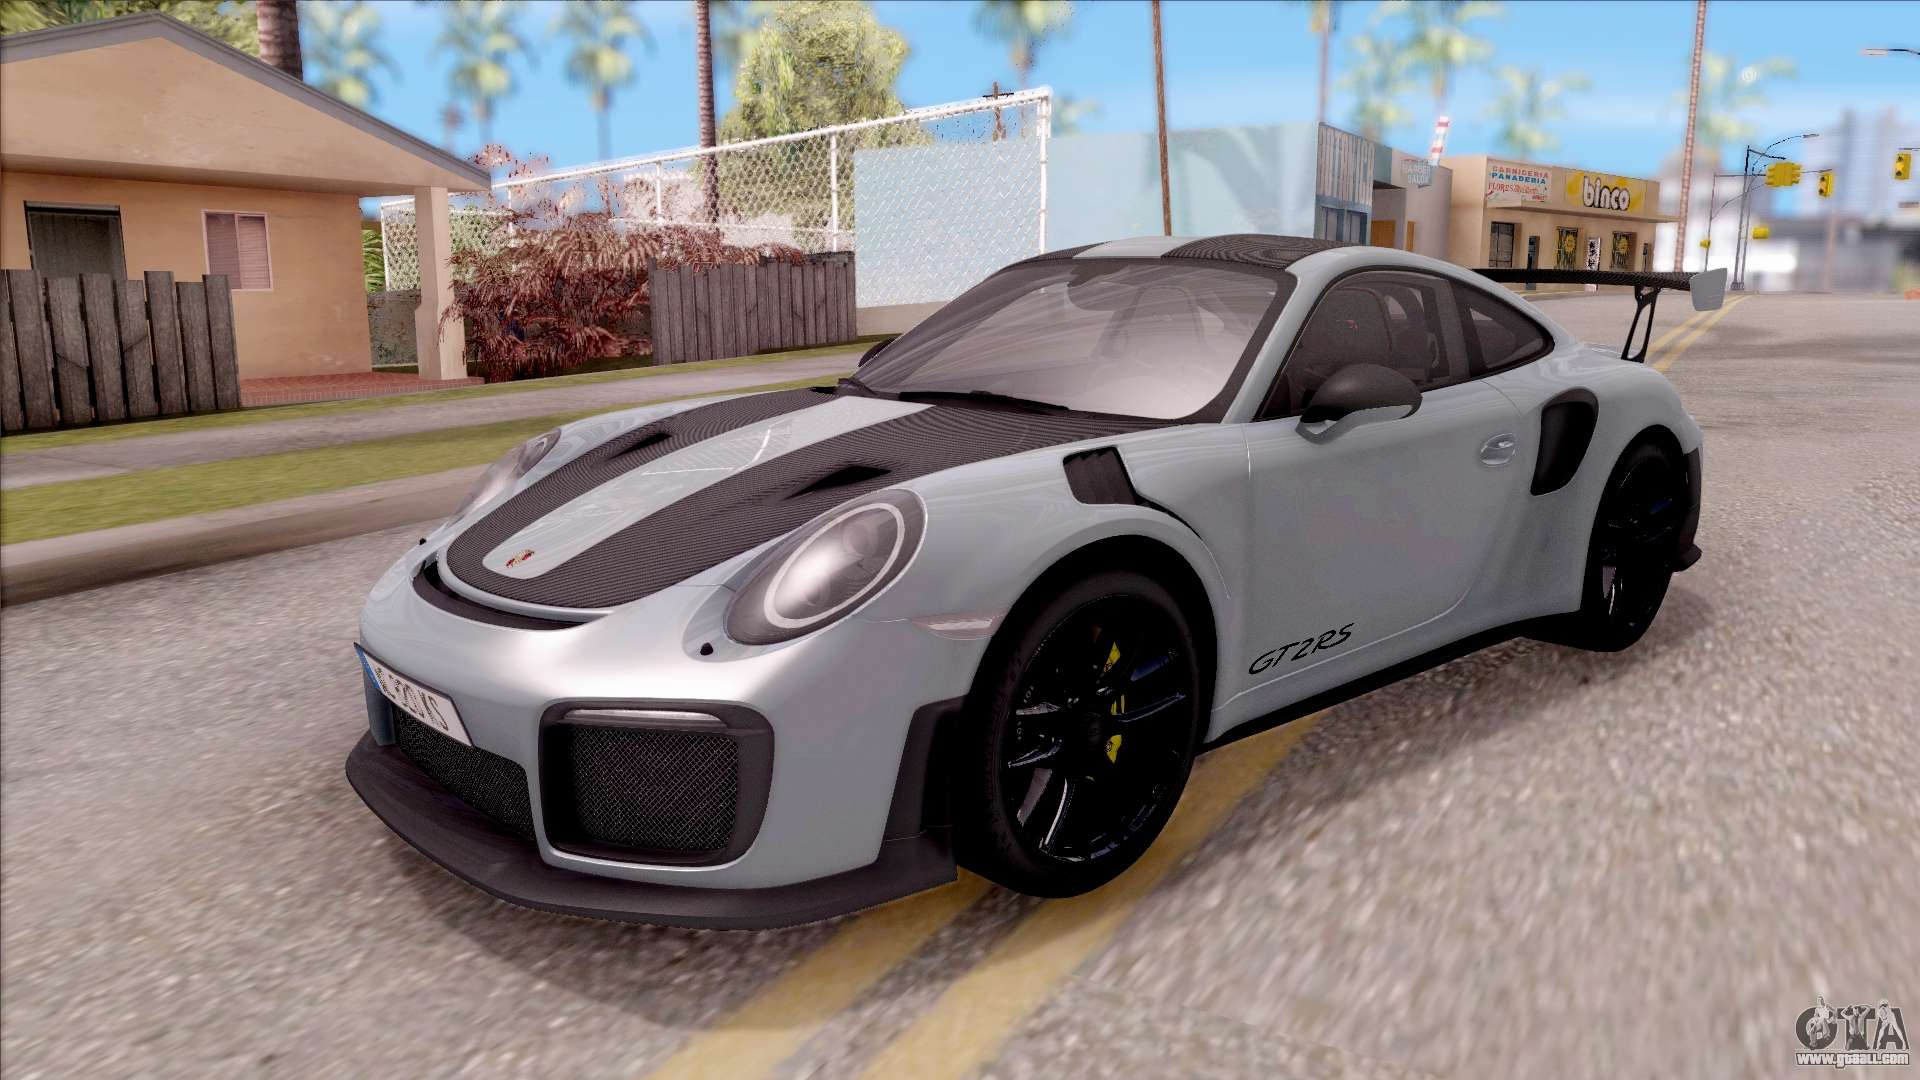 418323-enb2017-7-10-5-14-47 Remarkable Porsche 911 Gt2 Xbox 360 Cars Trend